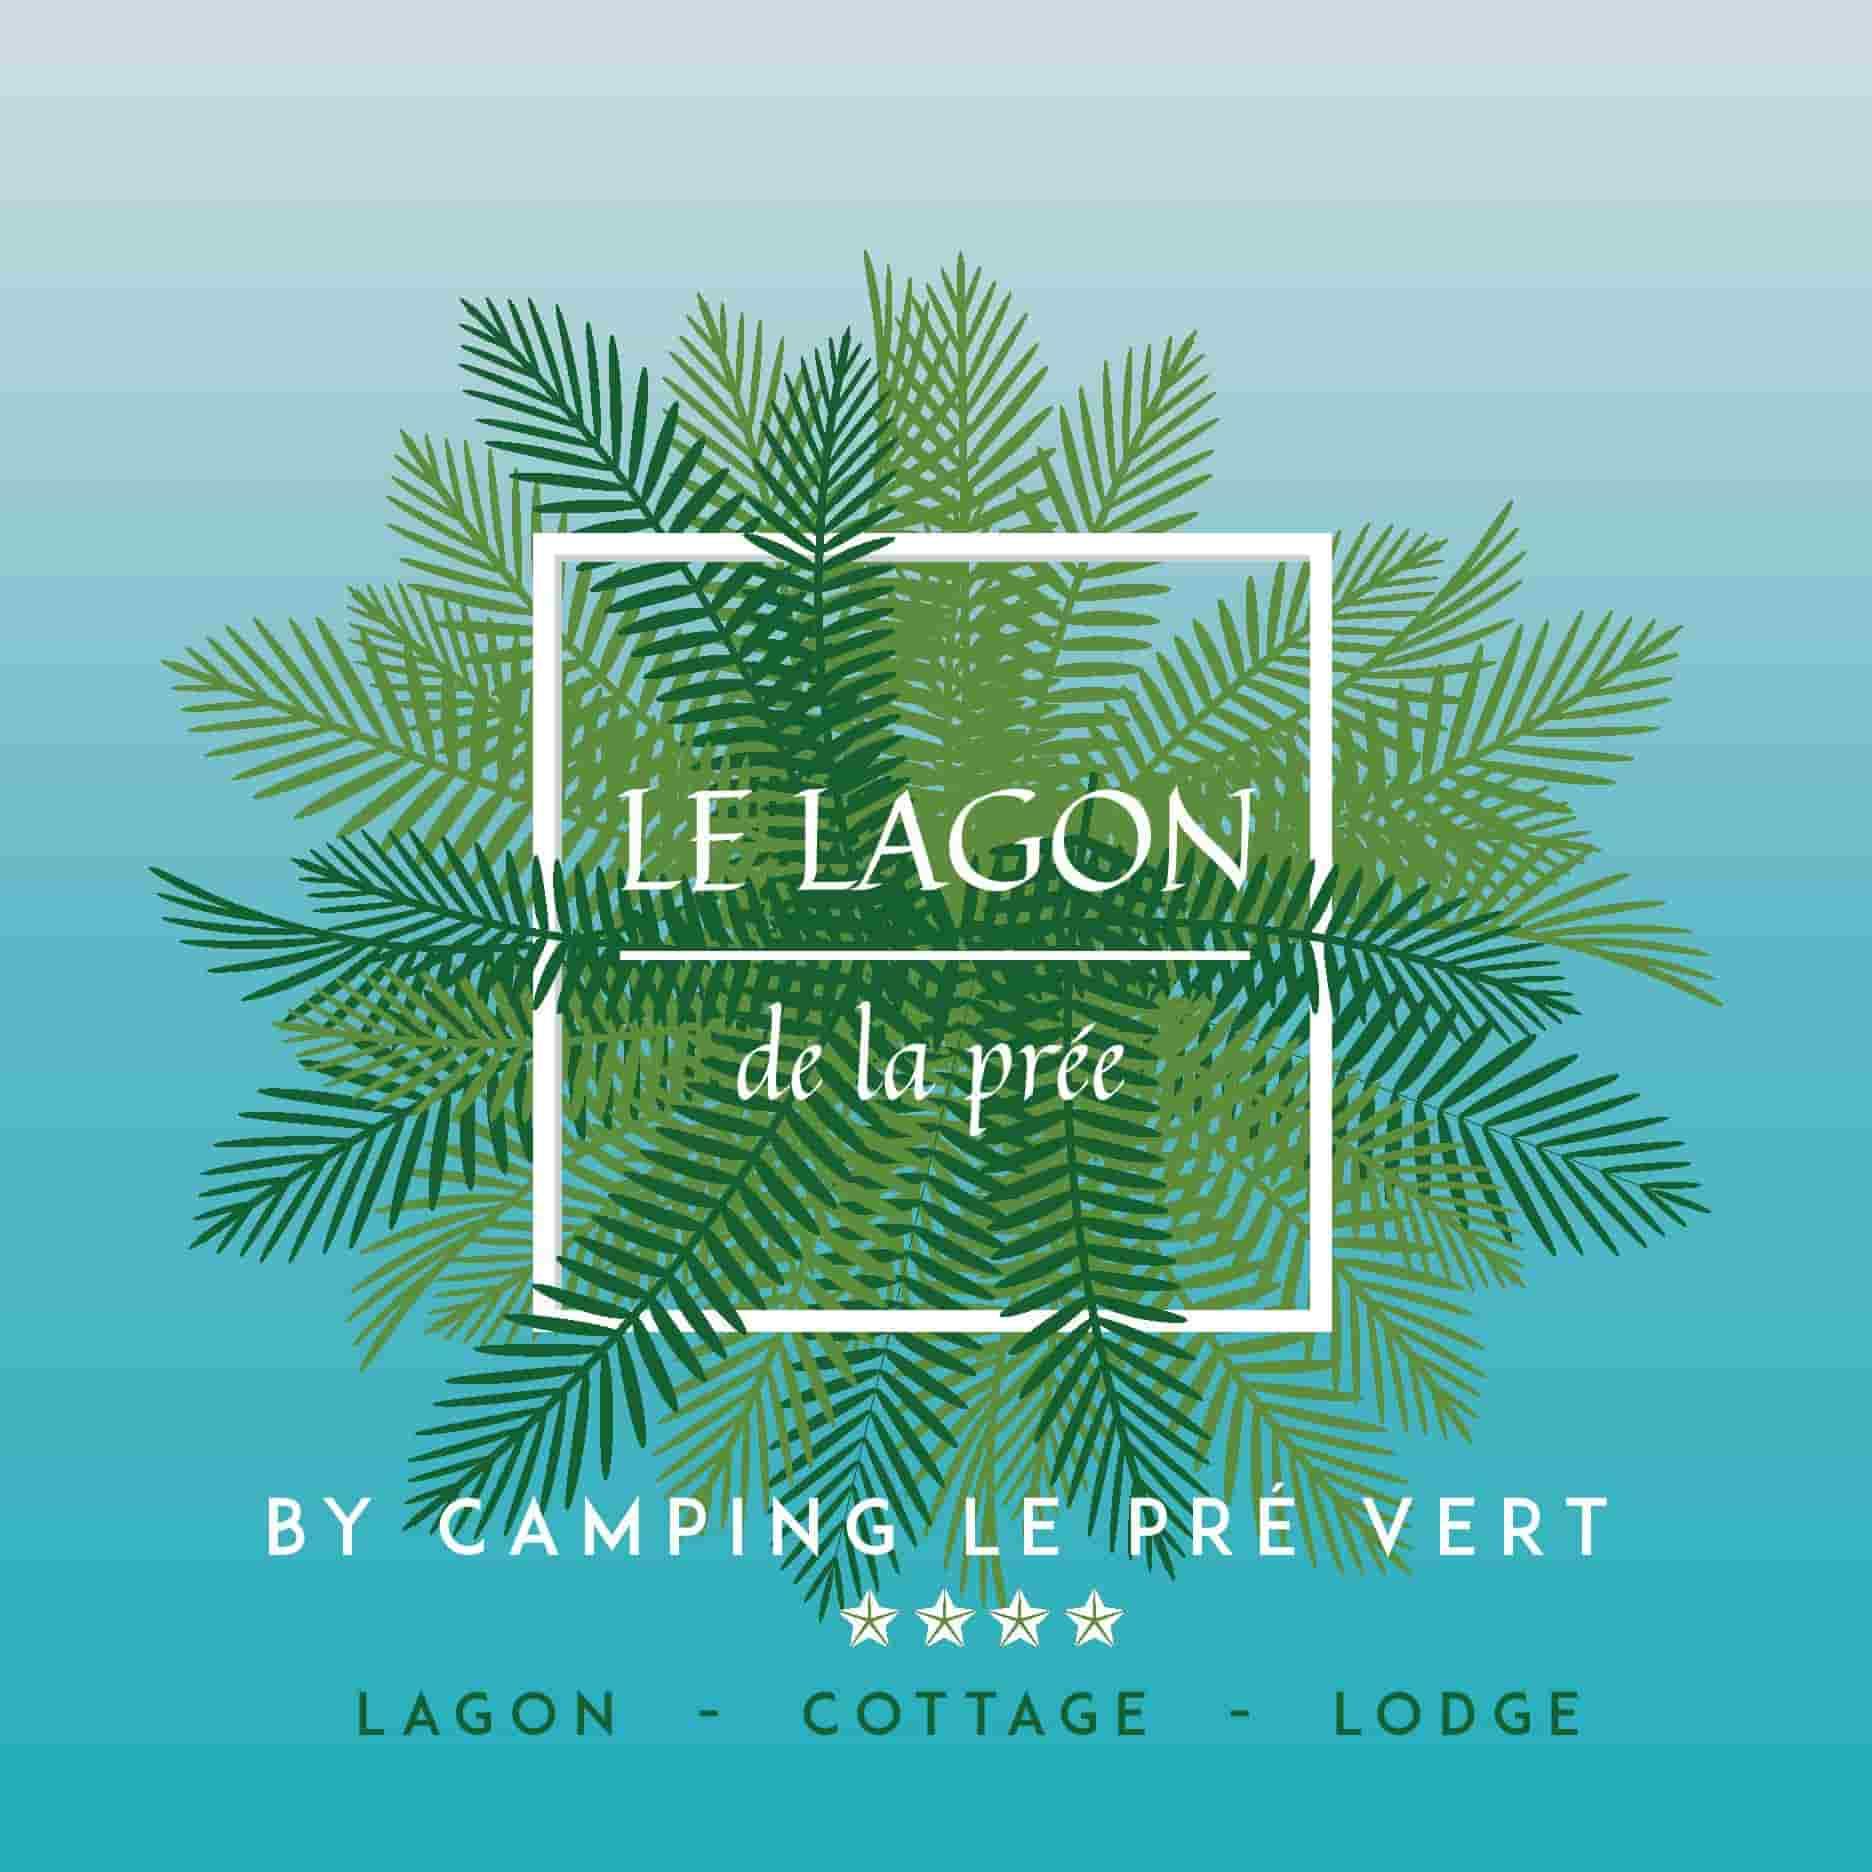 Camping le Pré Vert